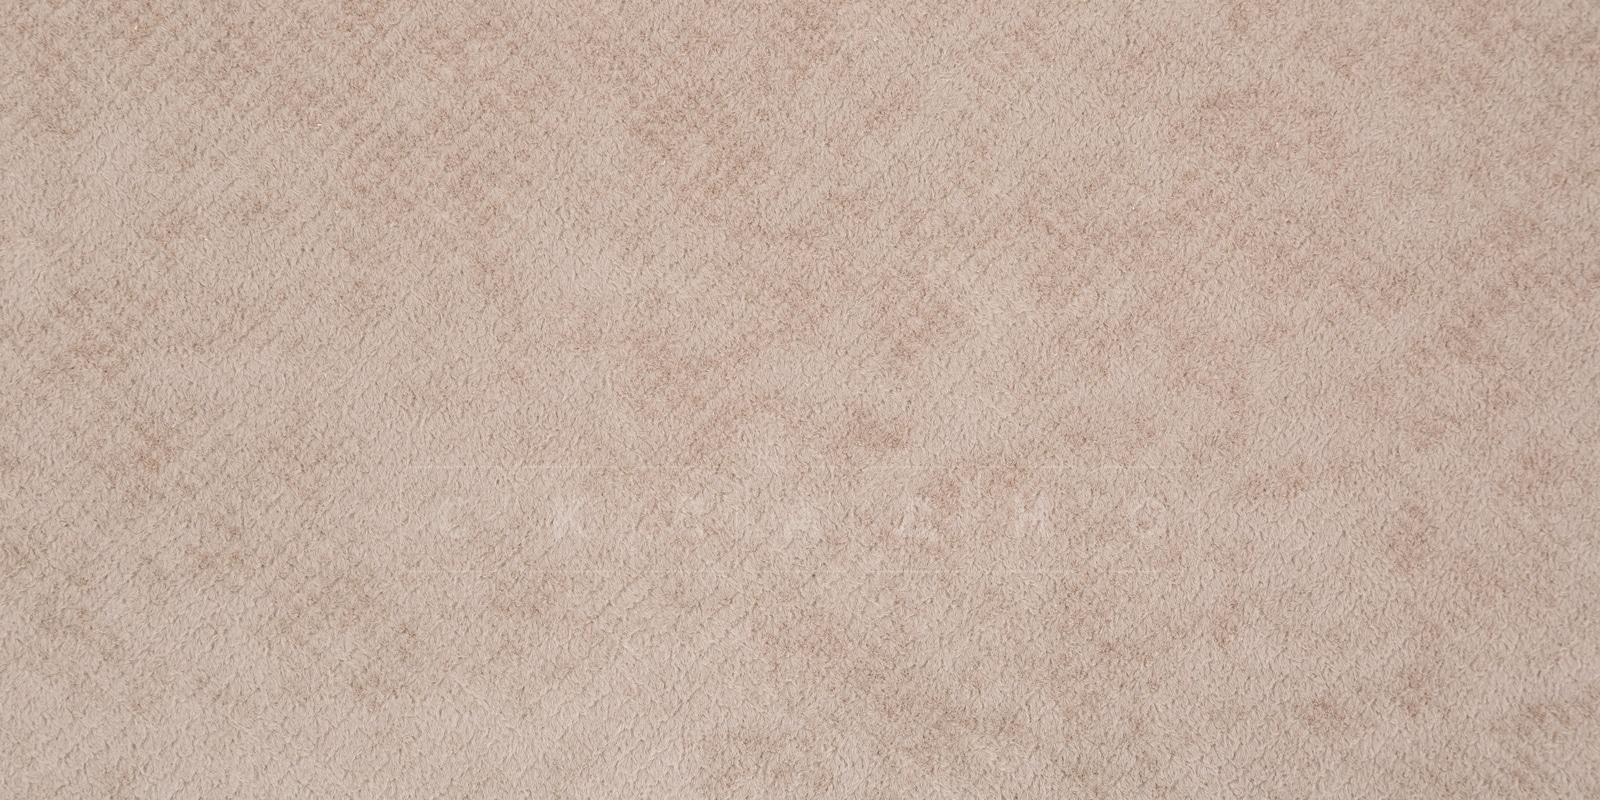 Диван Бристоль флок бежевый фото 9 | интернет-магазин Складно